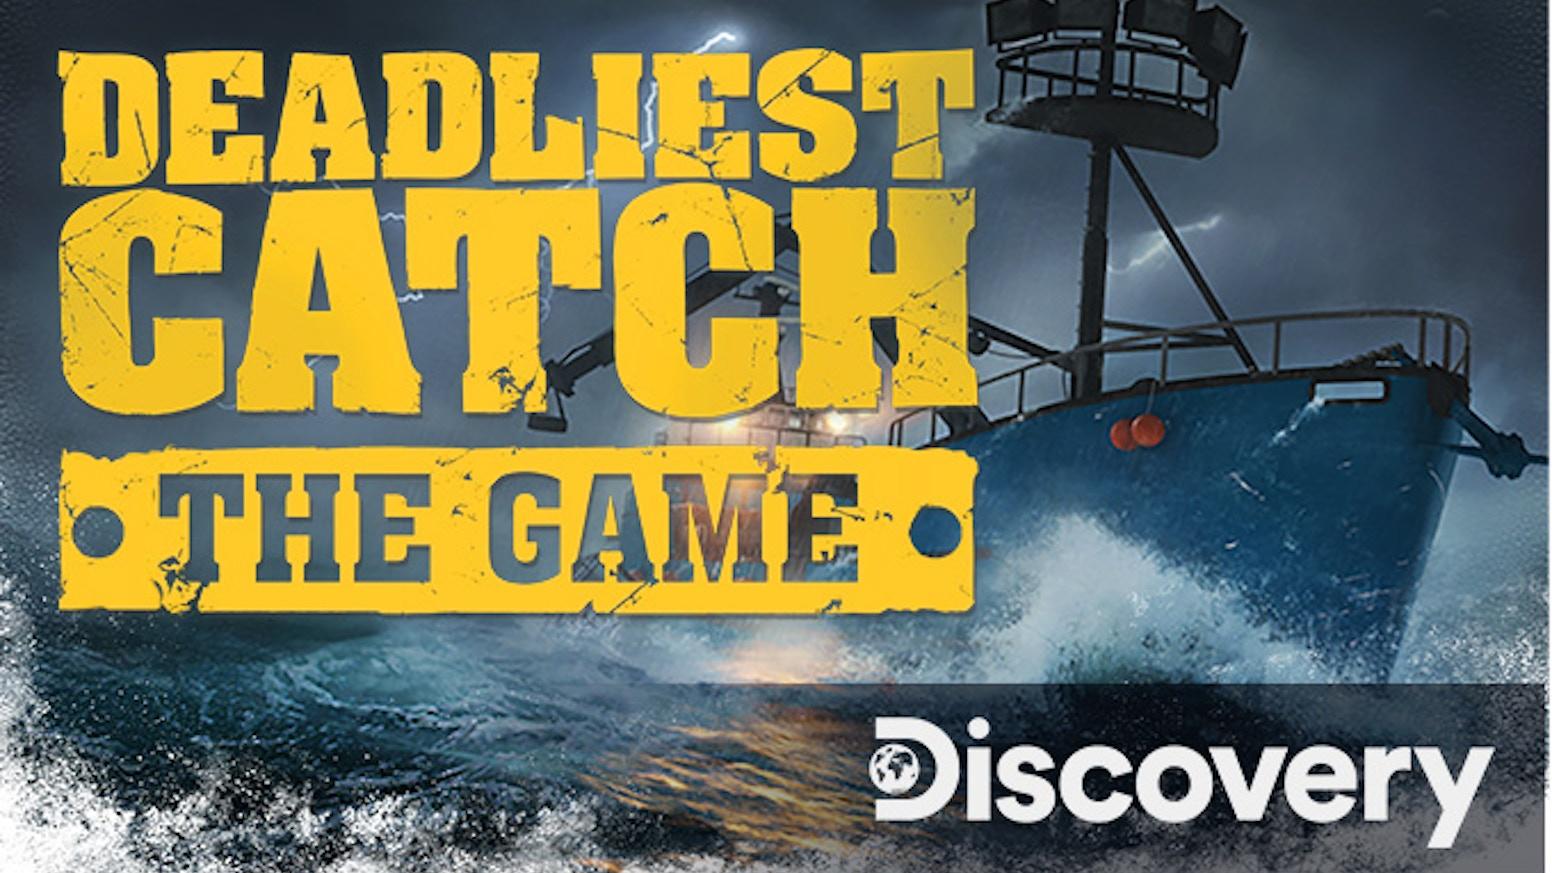 Deadliest Catch New Season 2020.Deadliest Catch The Game By Playway Kickstarter